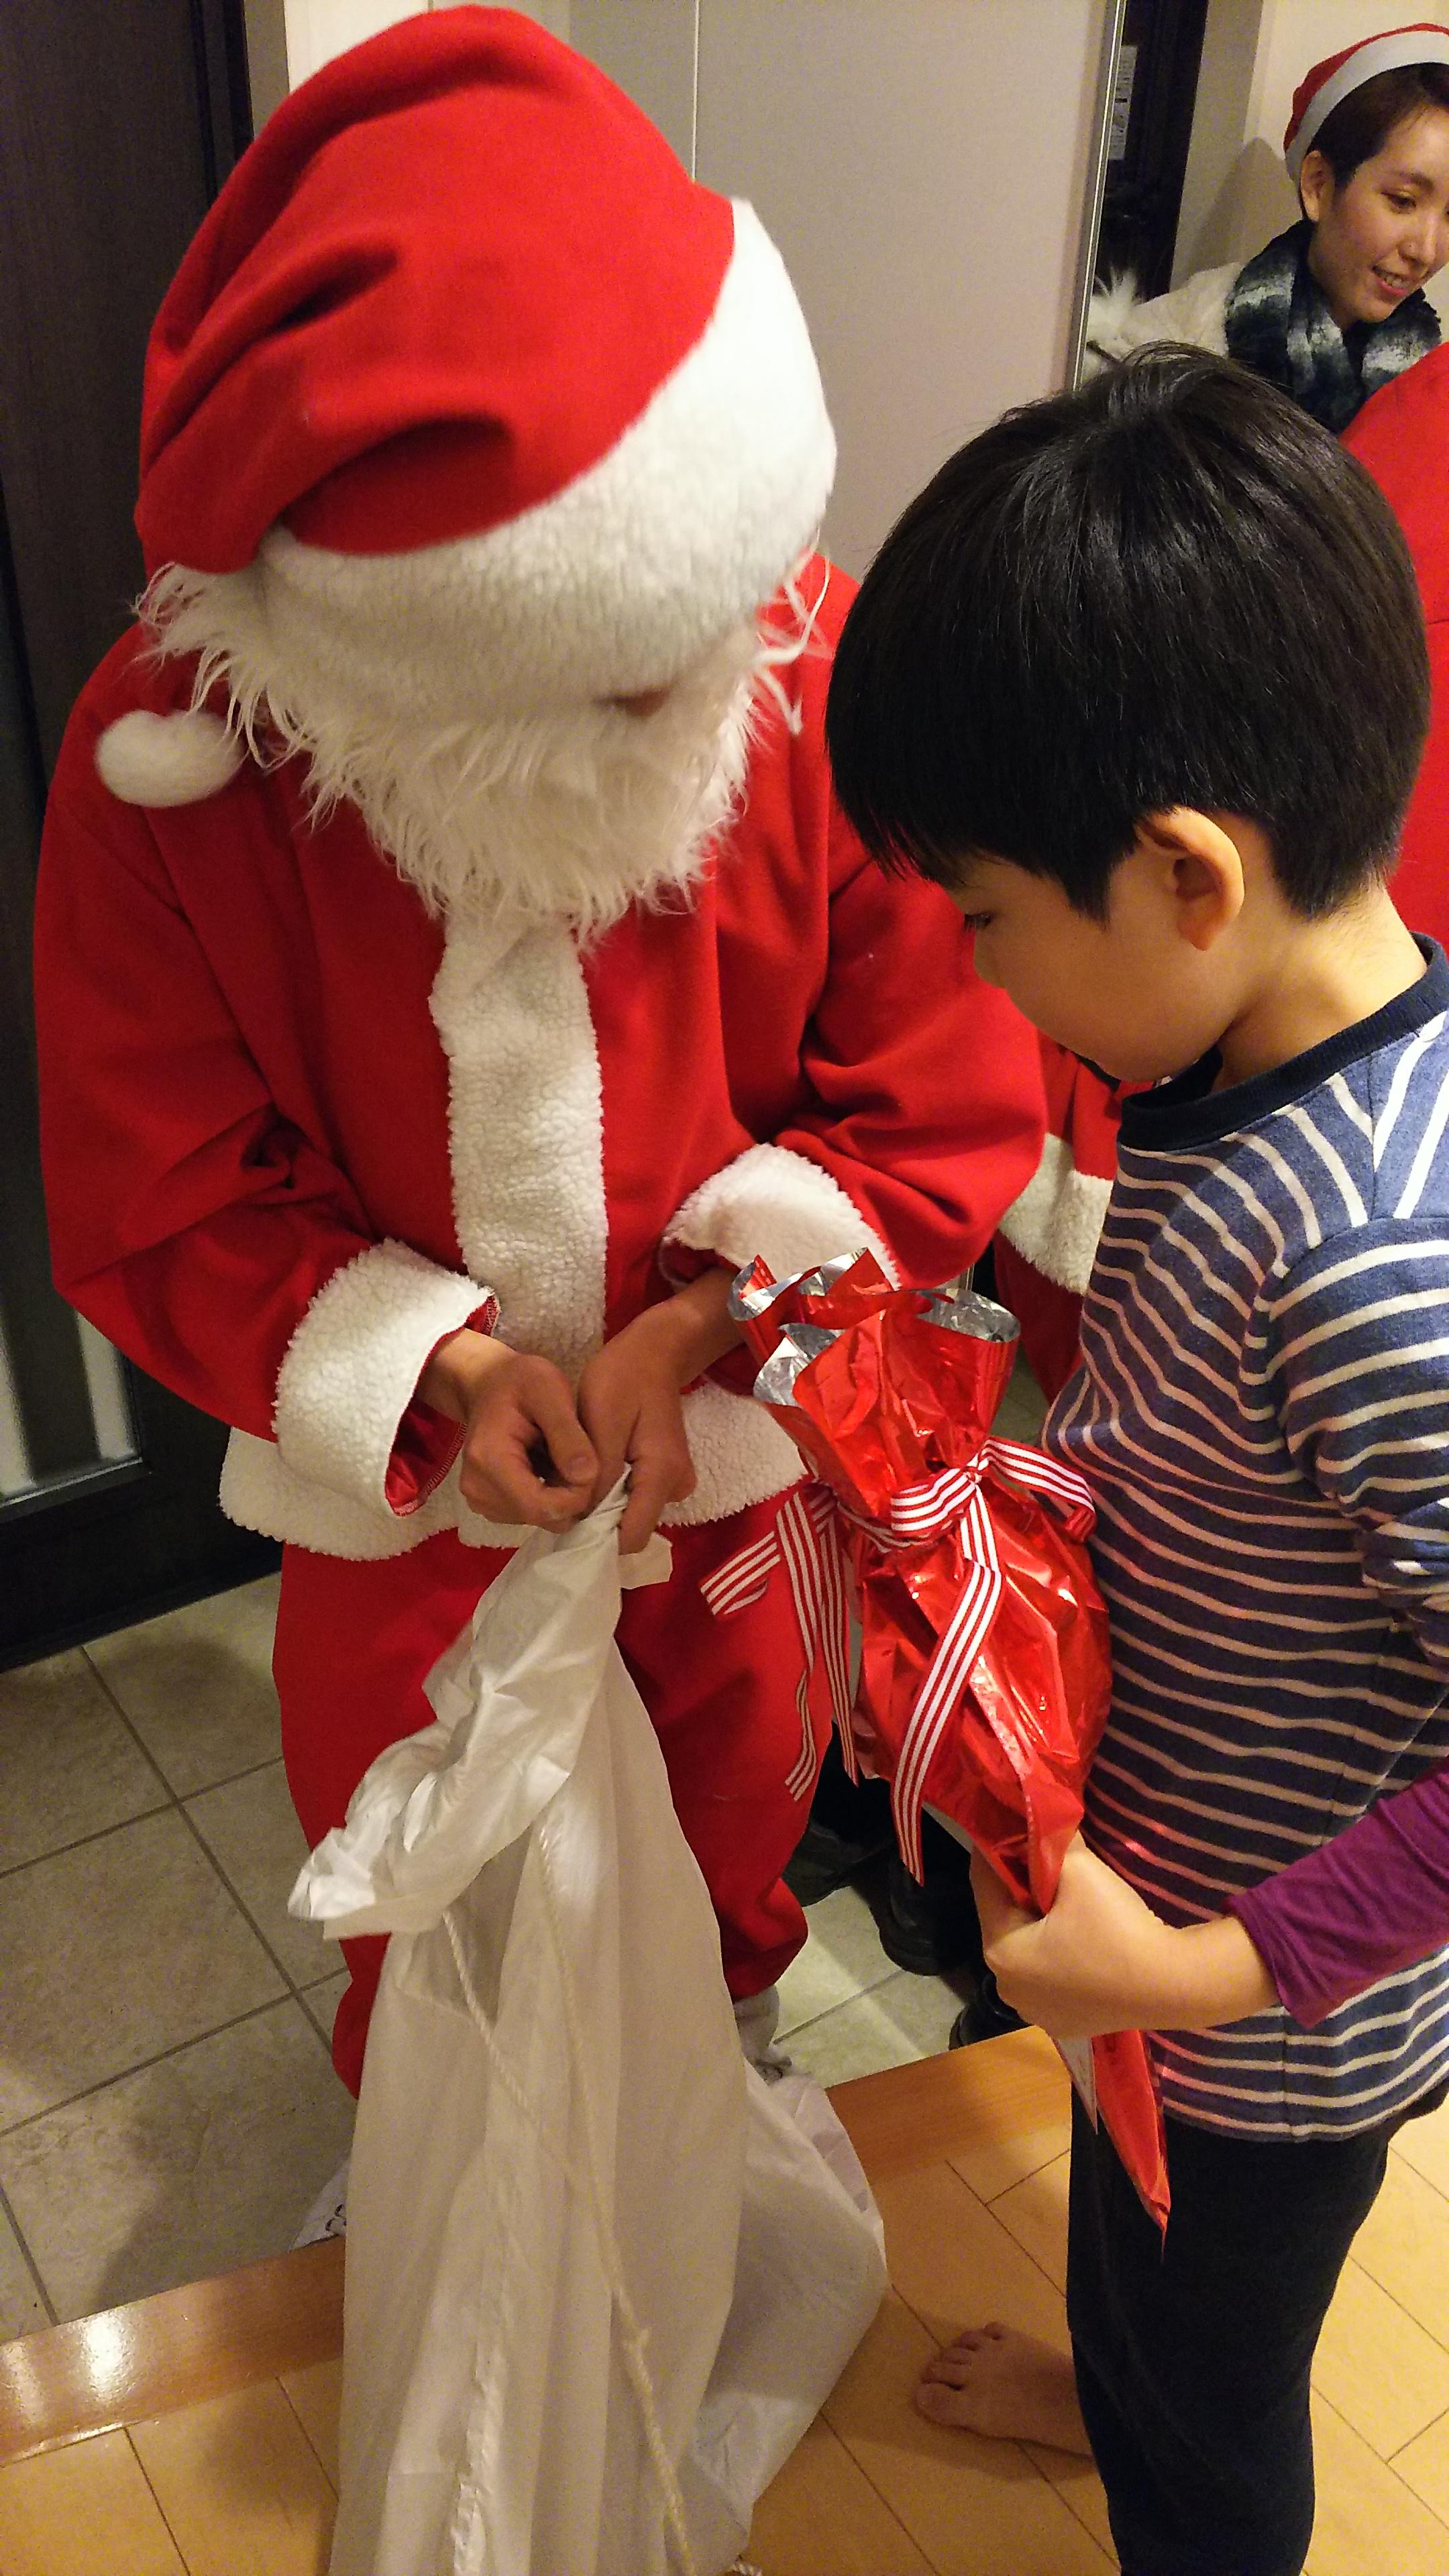 サンタさんの存在を疑問視していても、本当は・・?